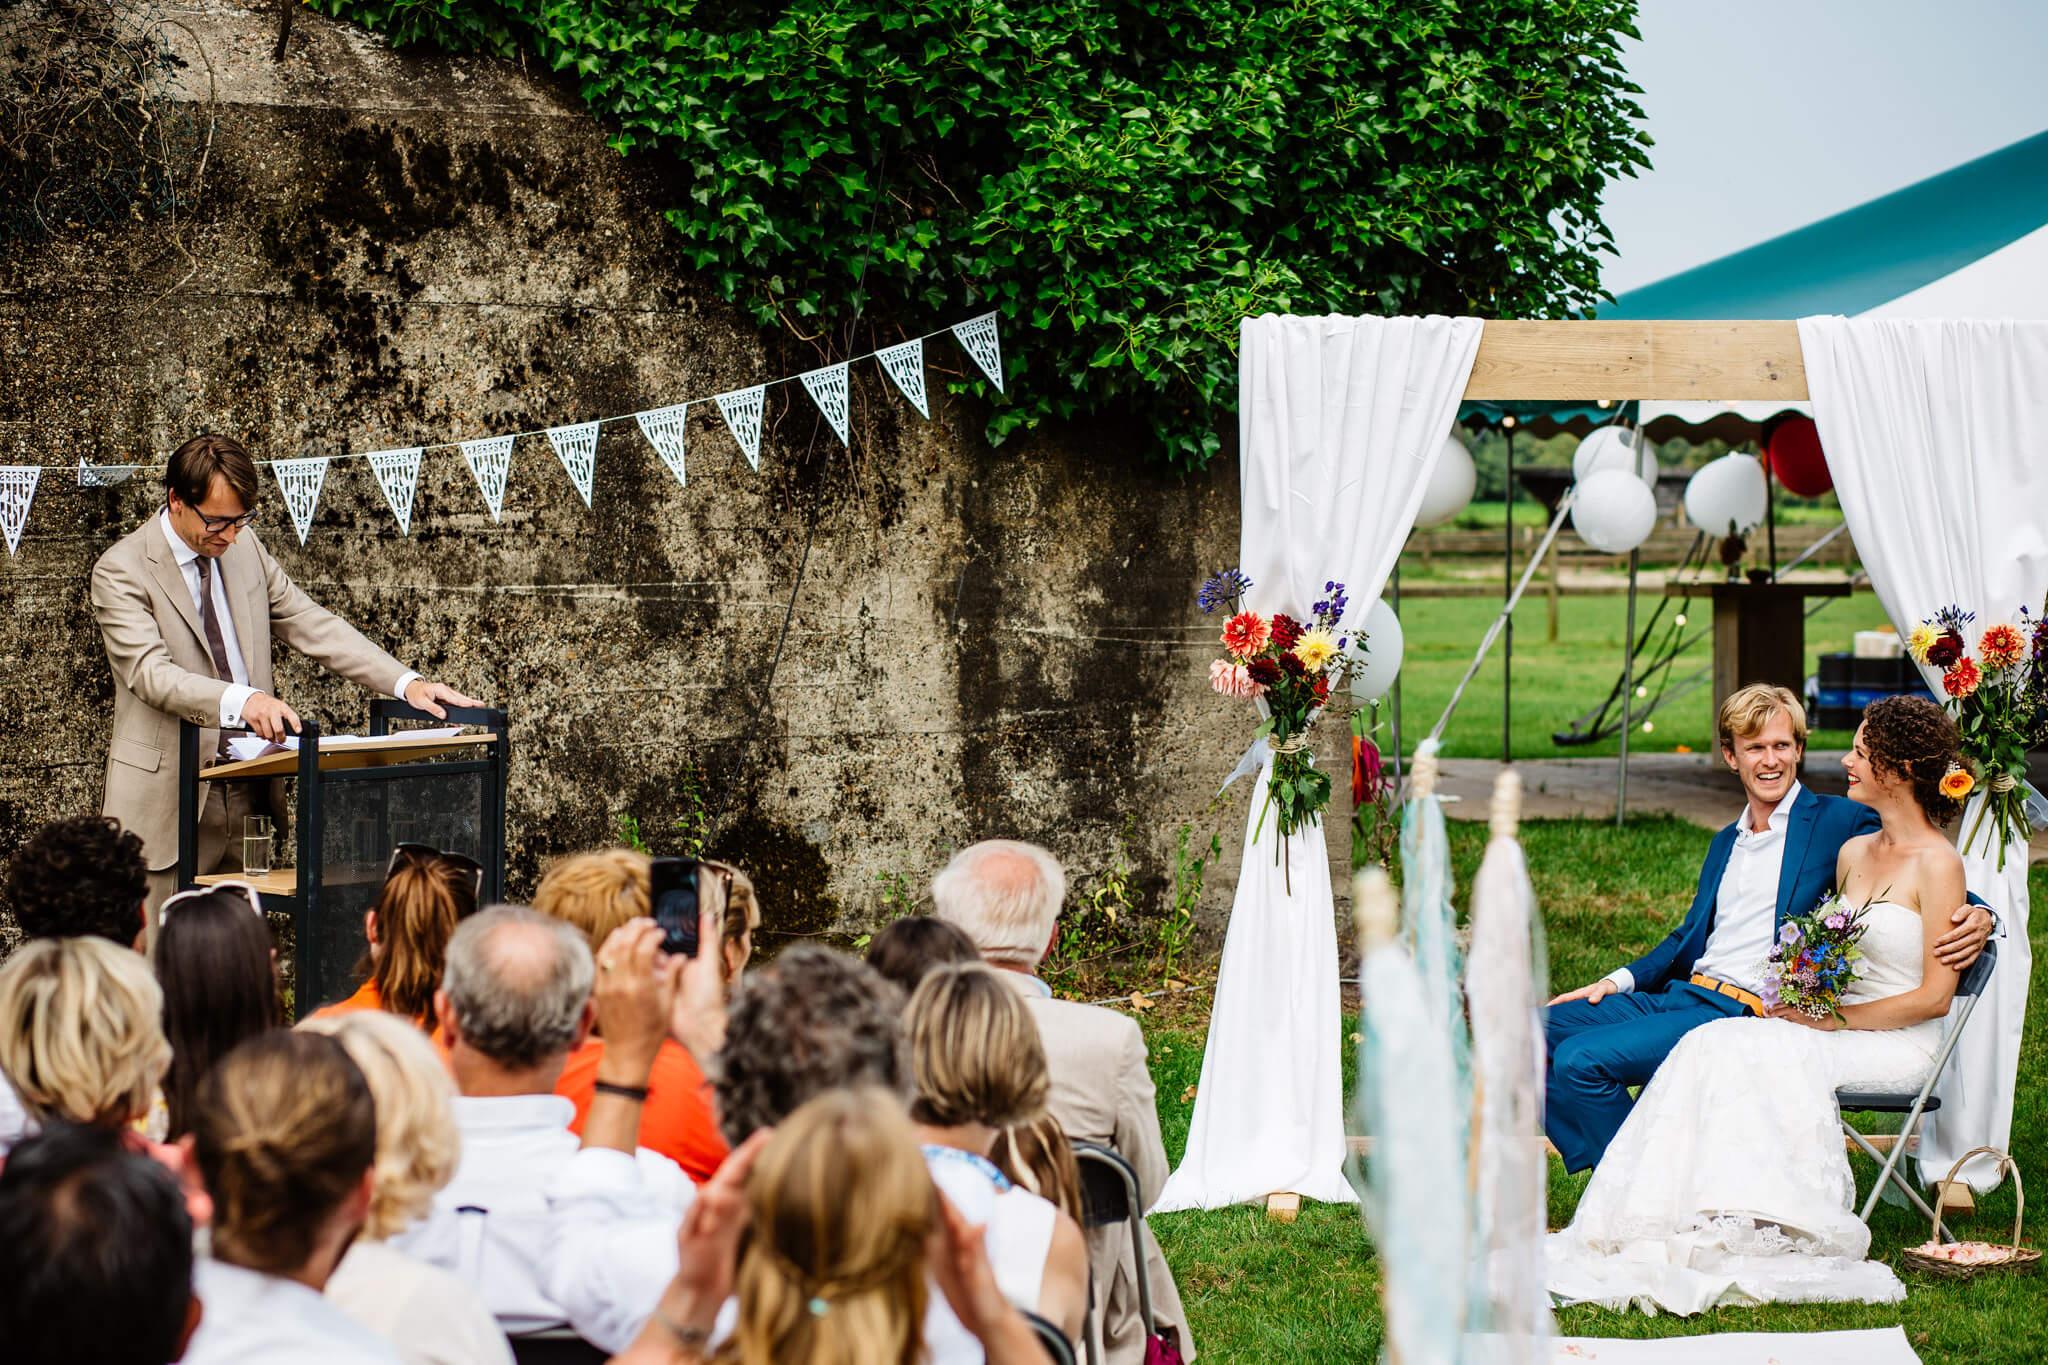 festivalbruiloft-bruidsfotograaf-utrecht-12.jpg